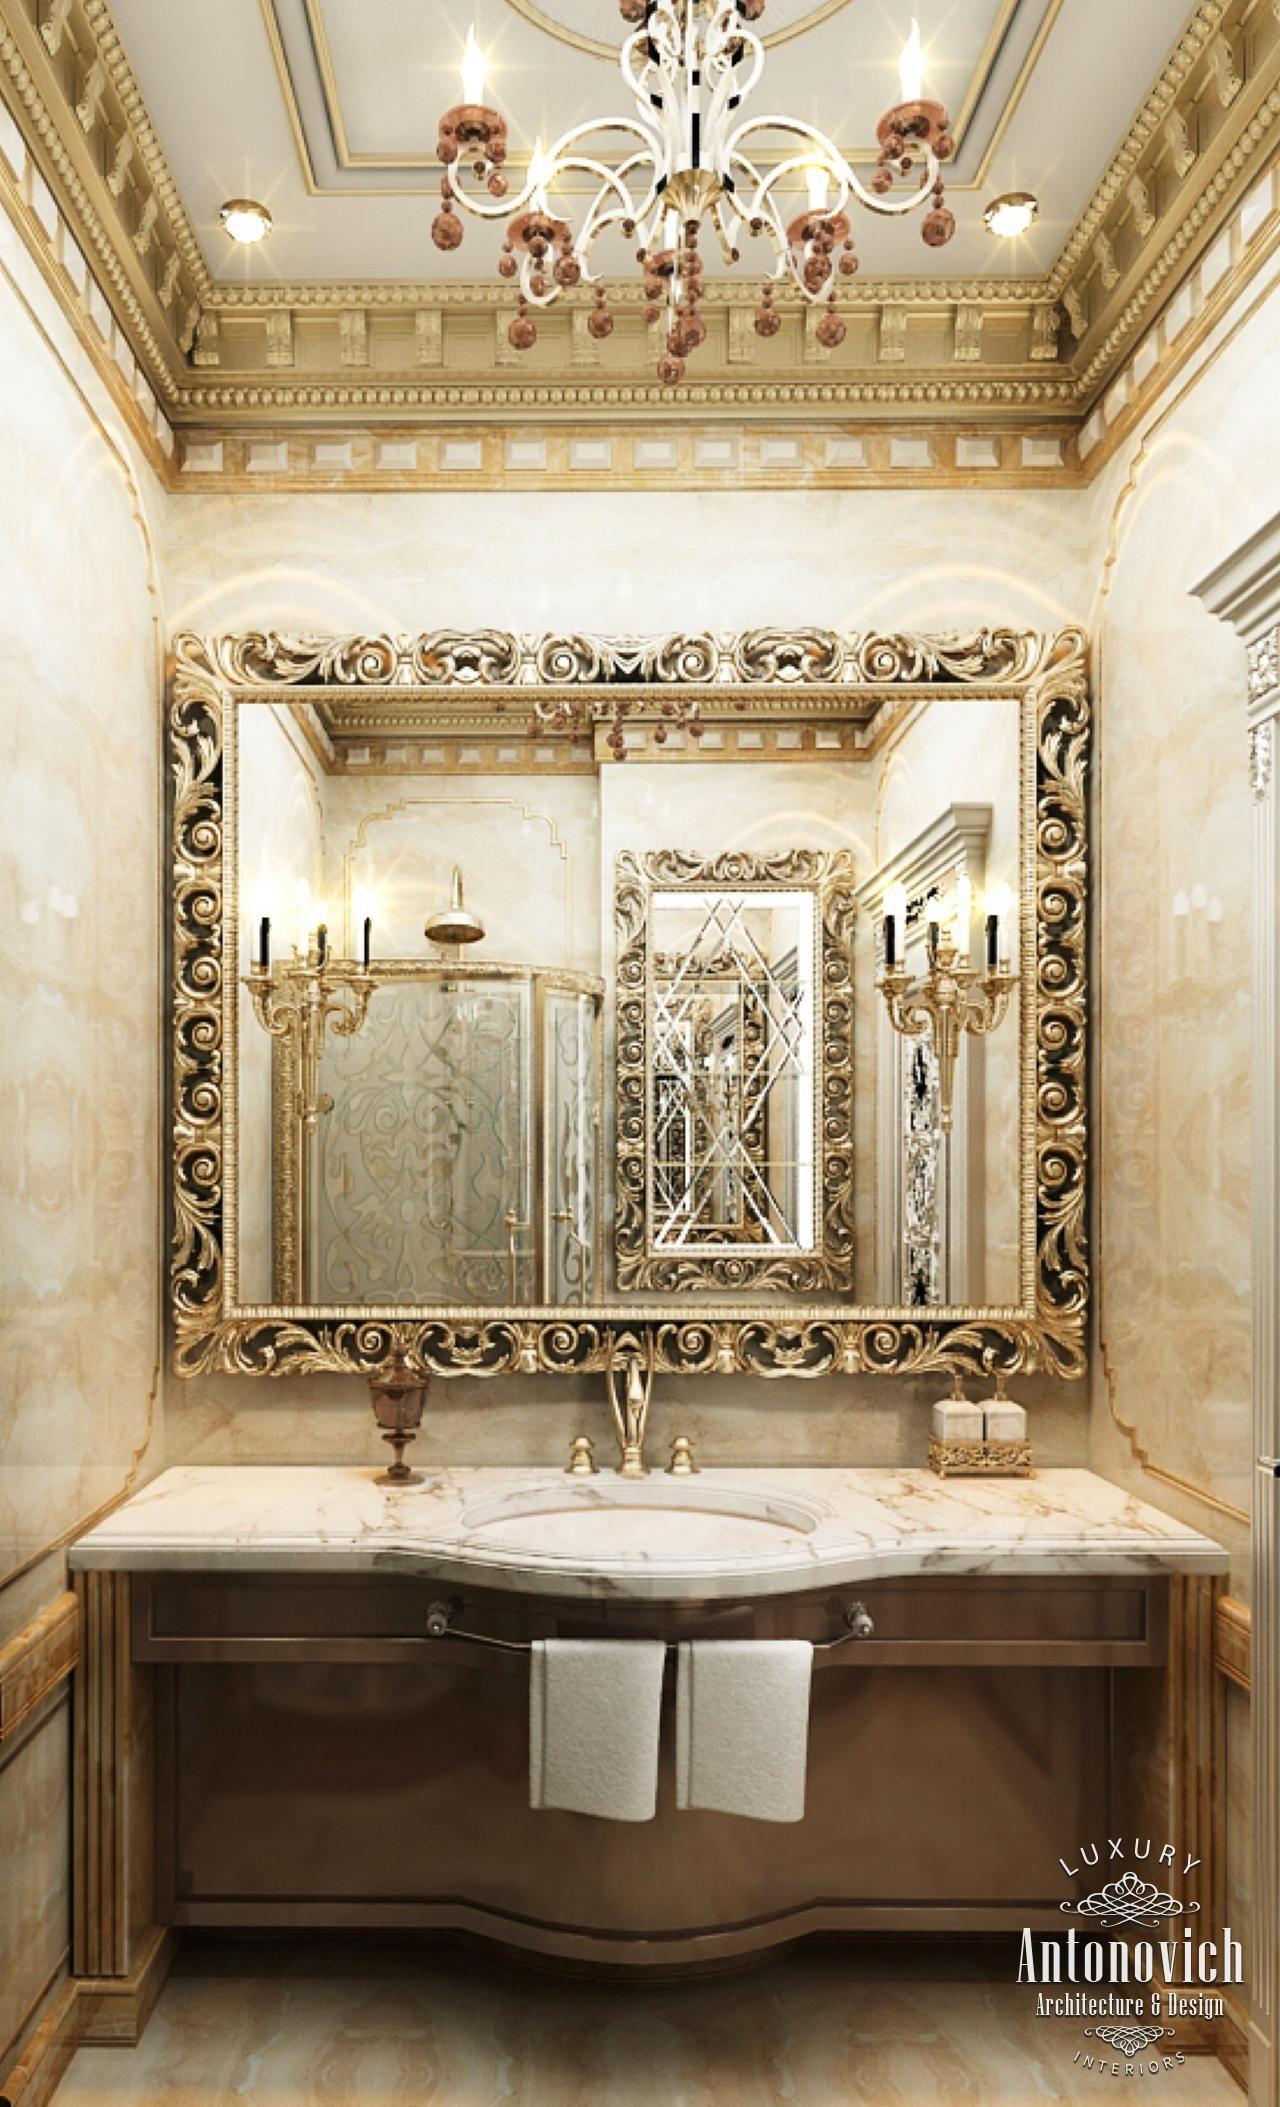 Villa interior design in dubai villas project in mohammed bin zayed city photo 34